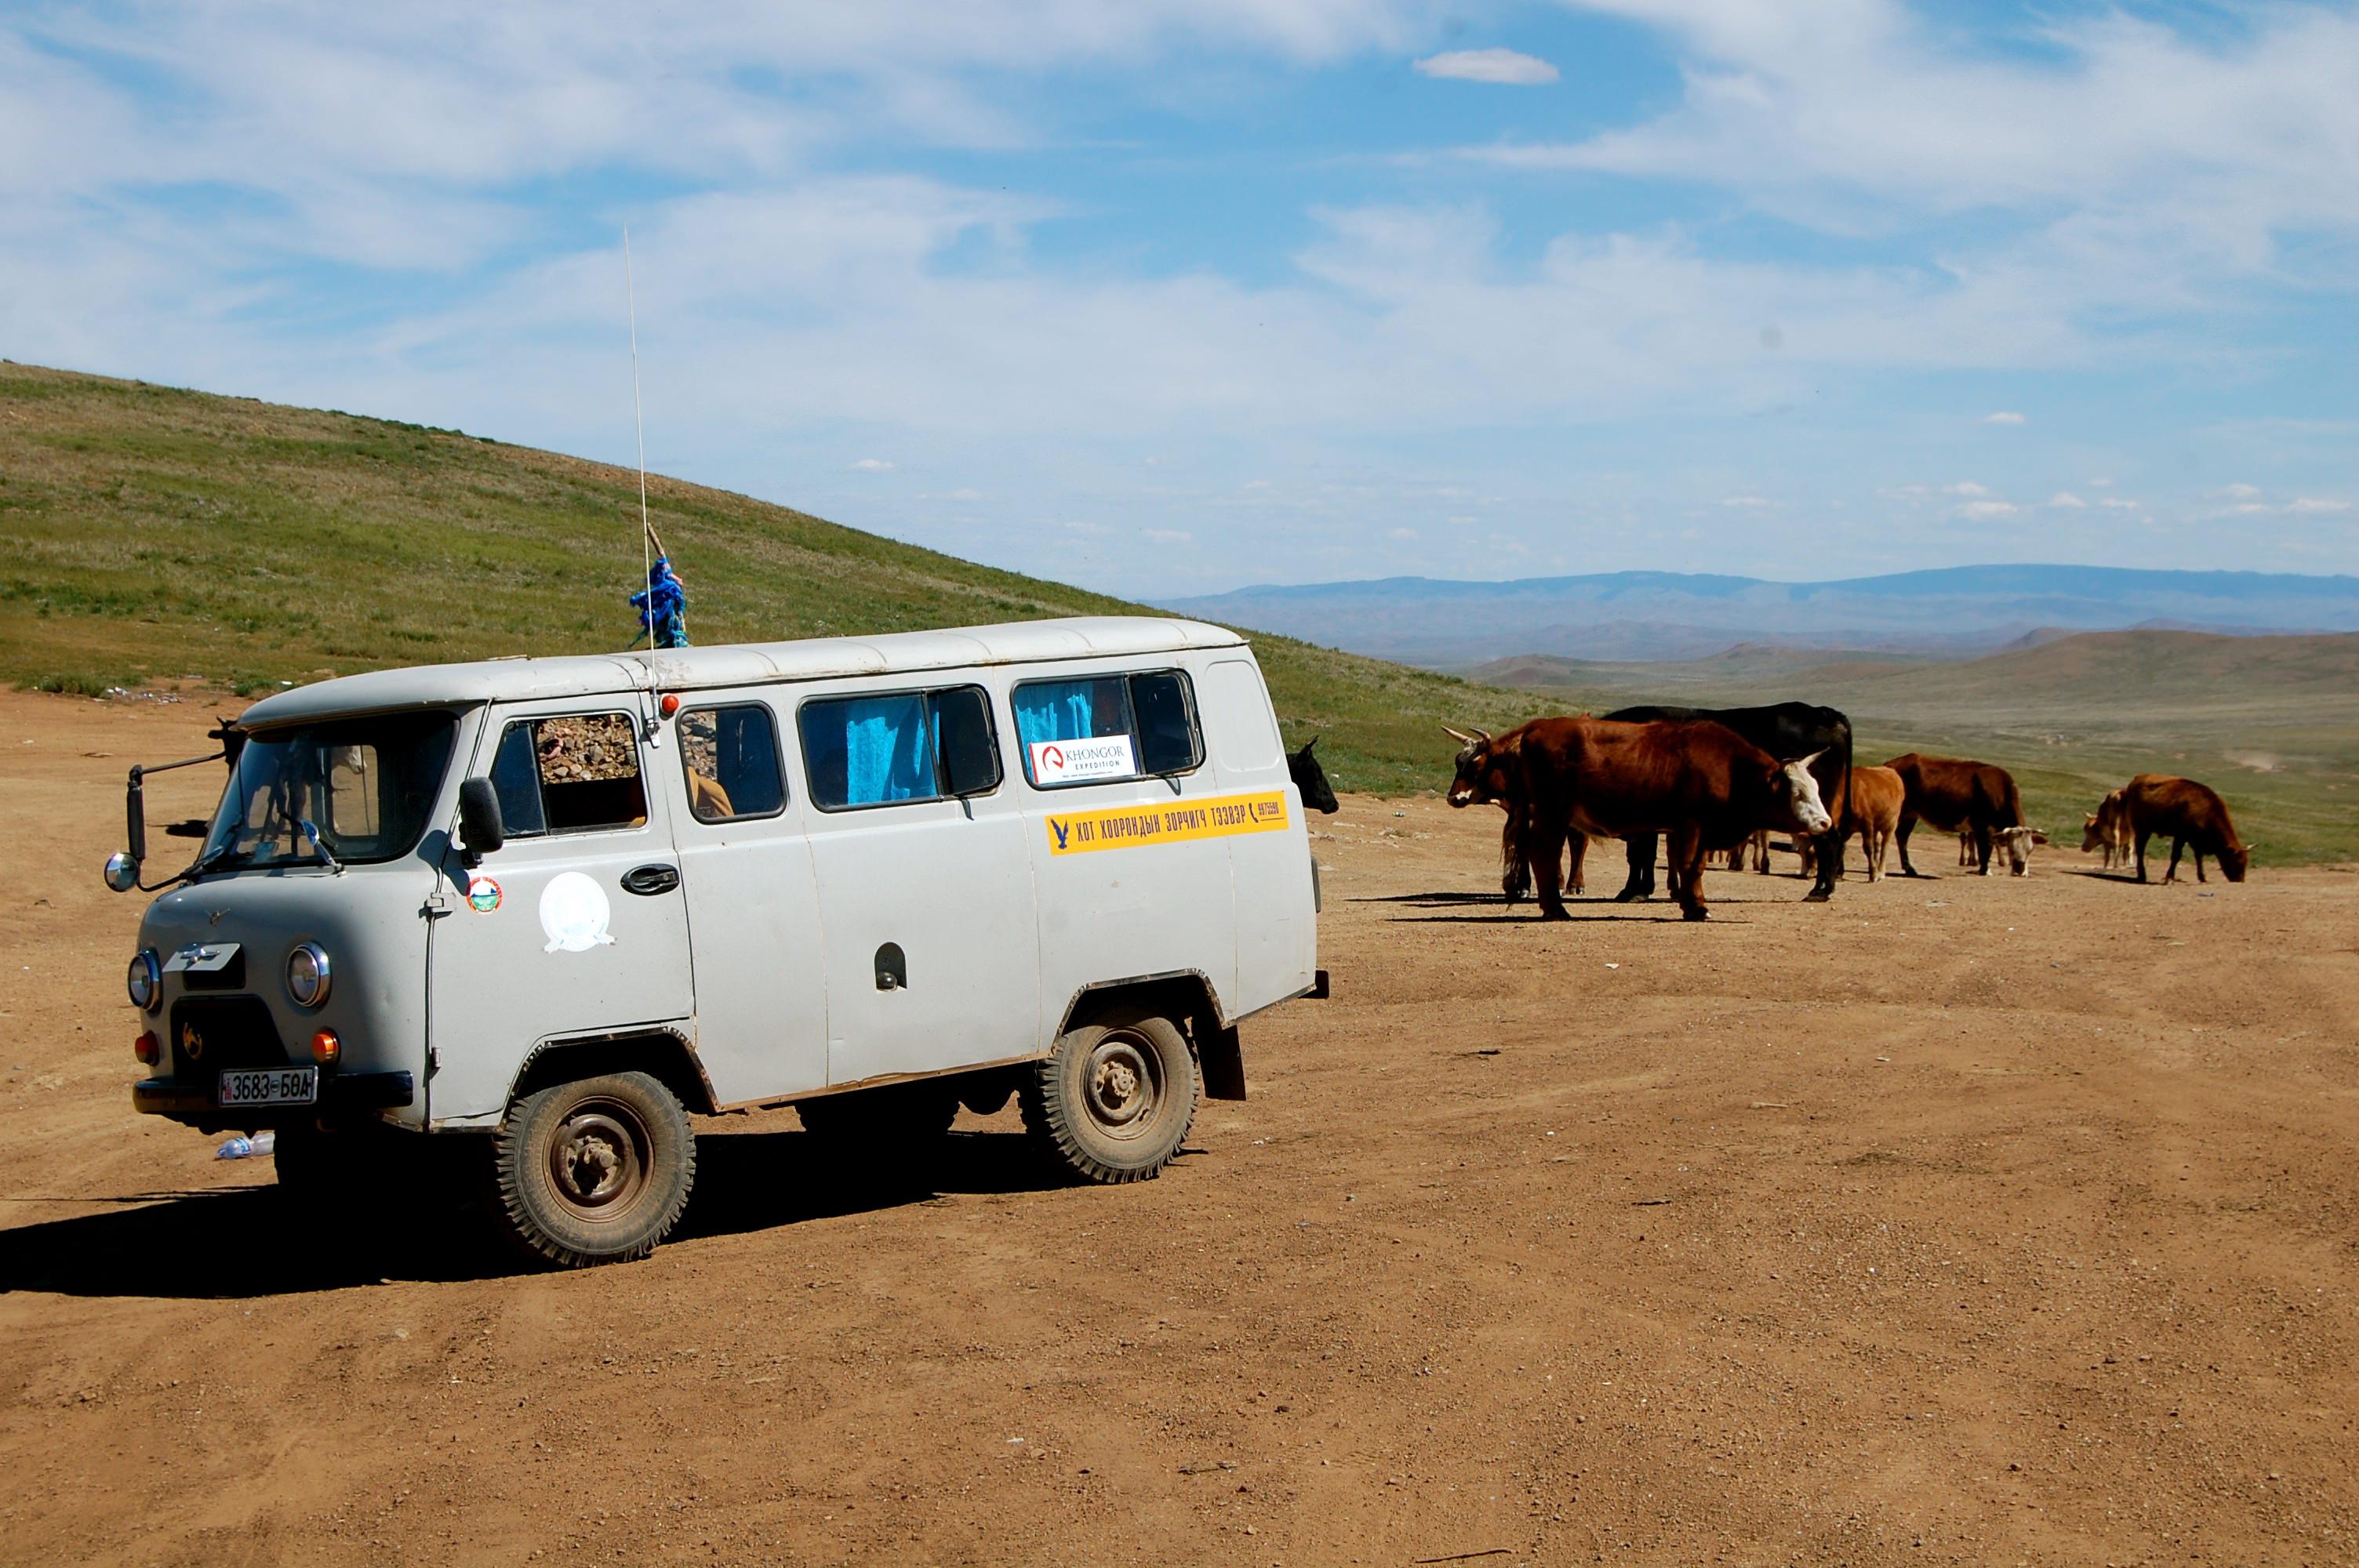 Van in Mongolia